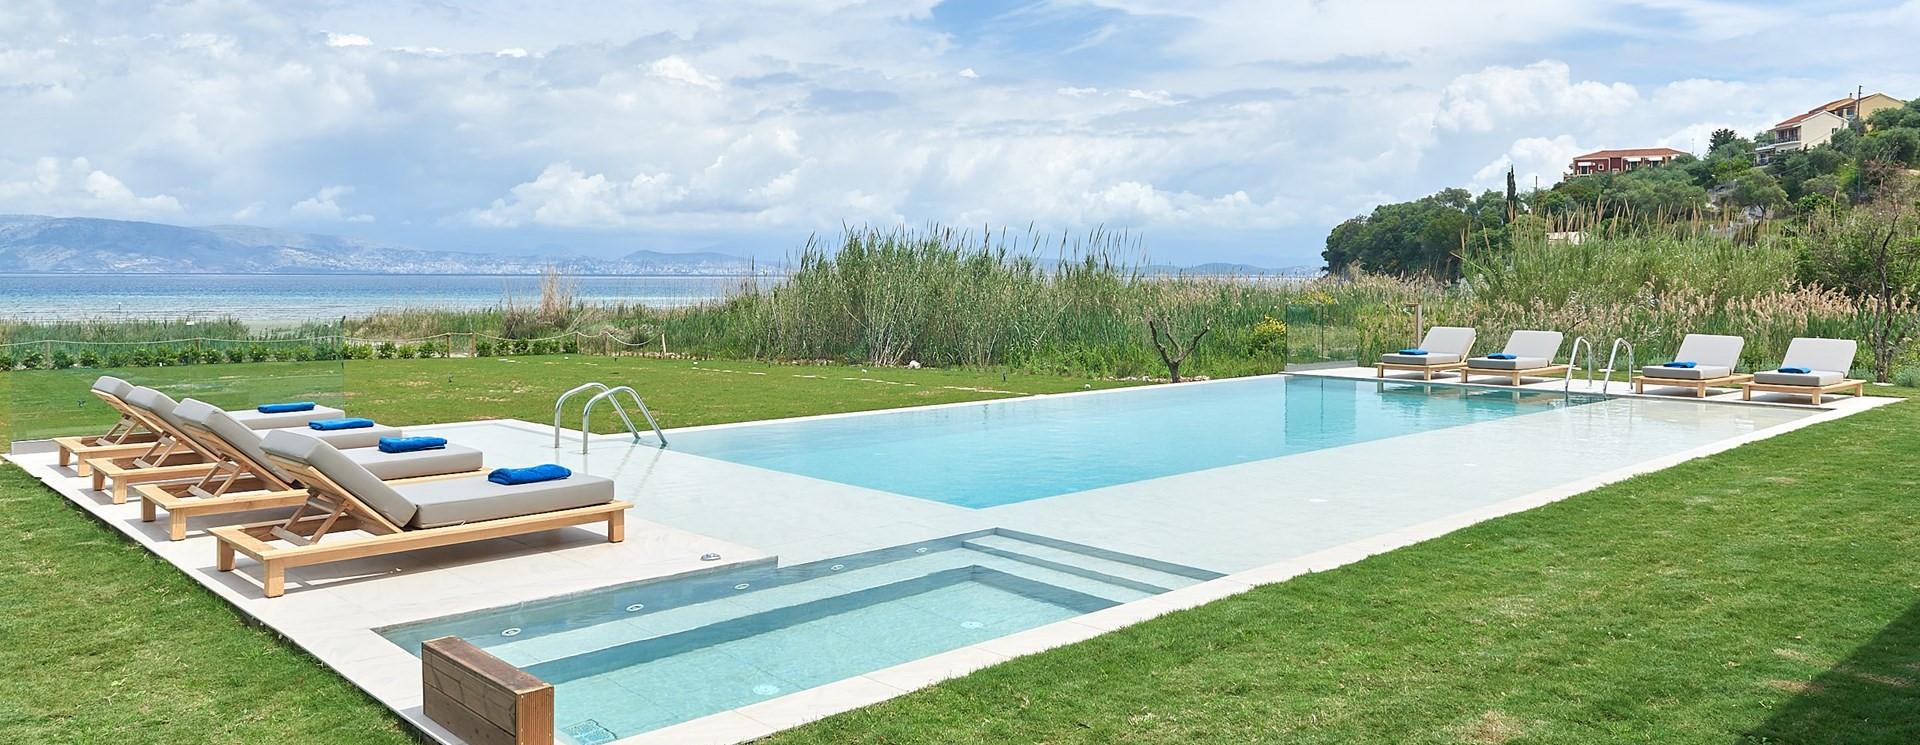 nero-beach-house-swimming-pool